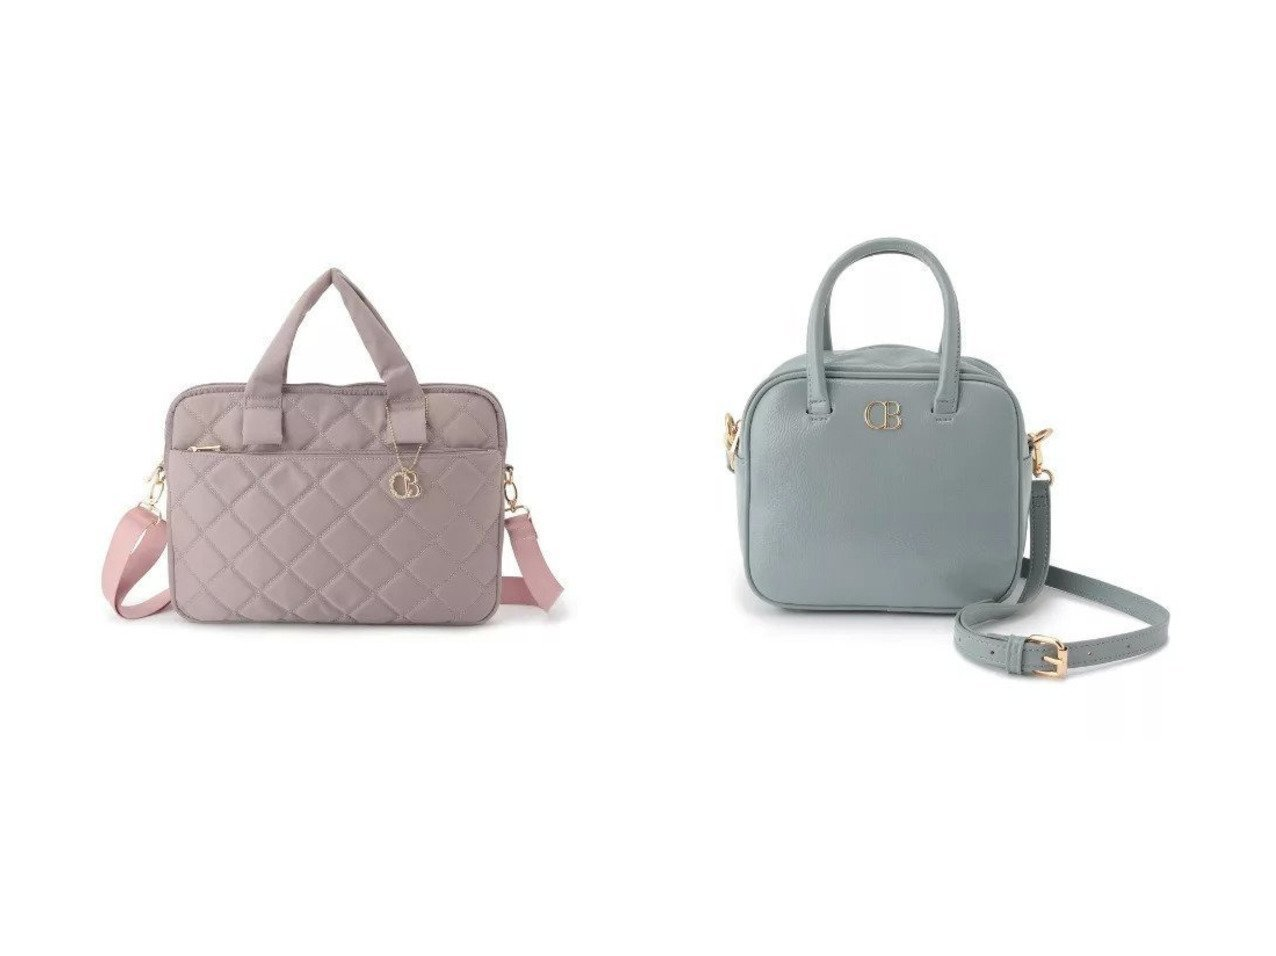 【Couture Brooch/クチュール ブローチ】のキルティング PCバッグ&エナメルバニティーバッグ おすすめ!人気、トレンド・レディースファッションの通販 おすすめで人気の流行・トレンド、ファッションの通販商品 インテリア・家具・メンズファッション・キッズファッション・レディースファッション・服の通販 founy(ファニー) https://founy.com/ ファッション Fashion レディースファッション WOMEN バッグ Bag キルティング ハンドバッグ ポケット  ID:crp329100000064038